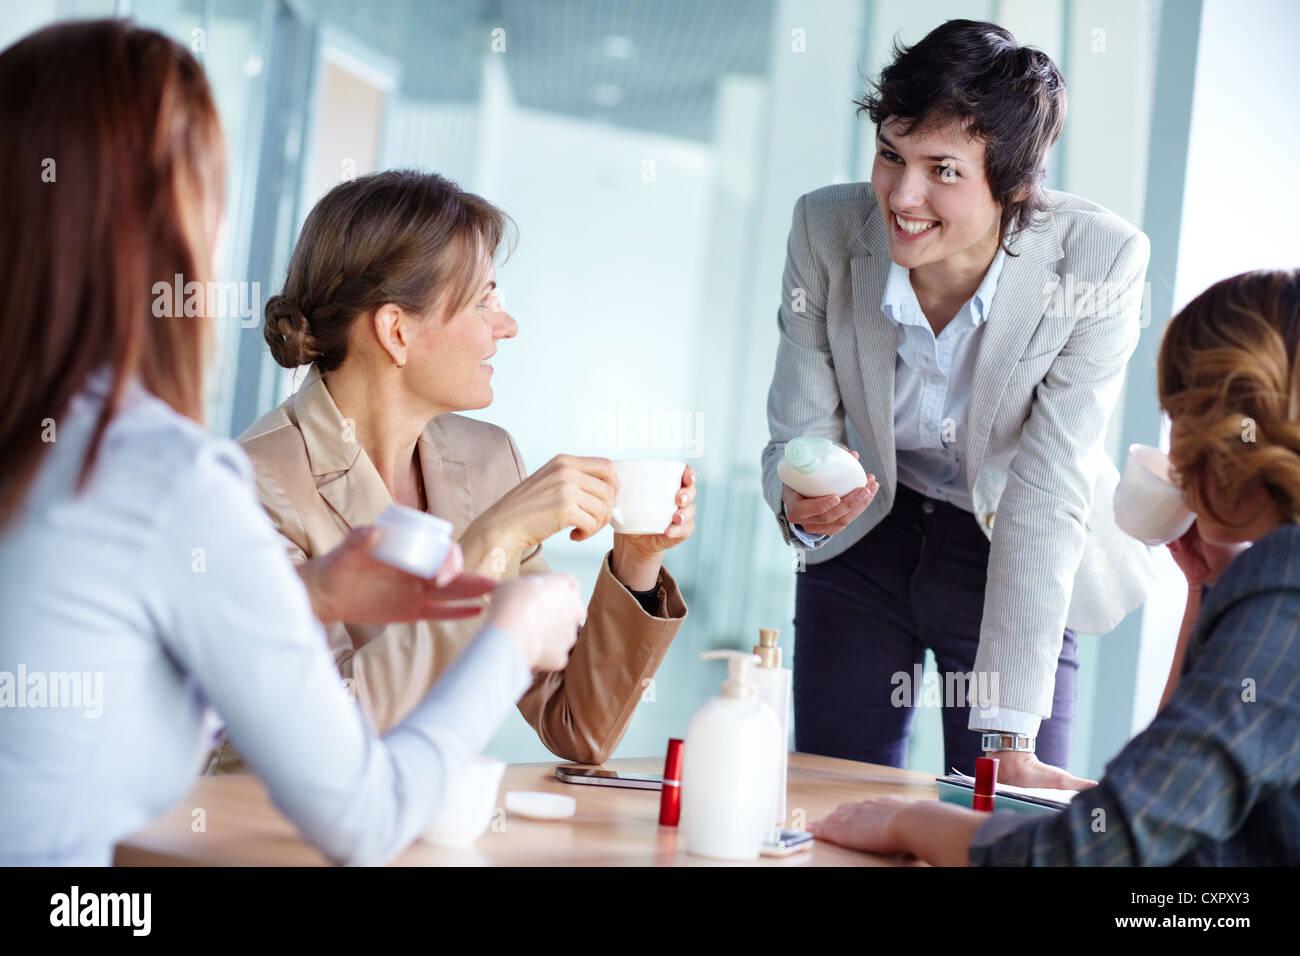 Imagen De Cuatro Mujeres Empresarias Hablando De Productos